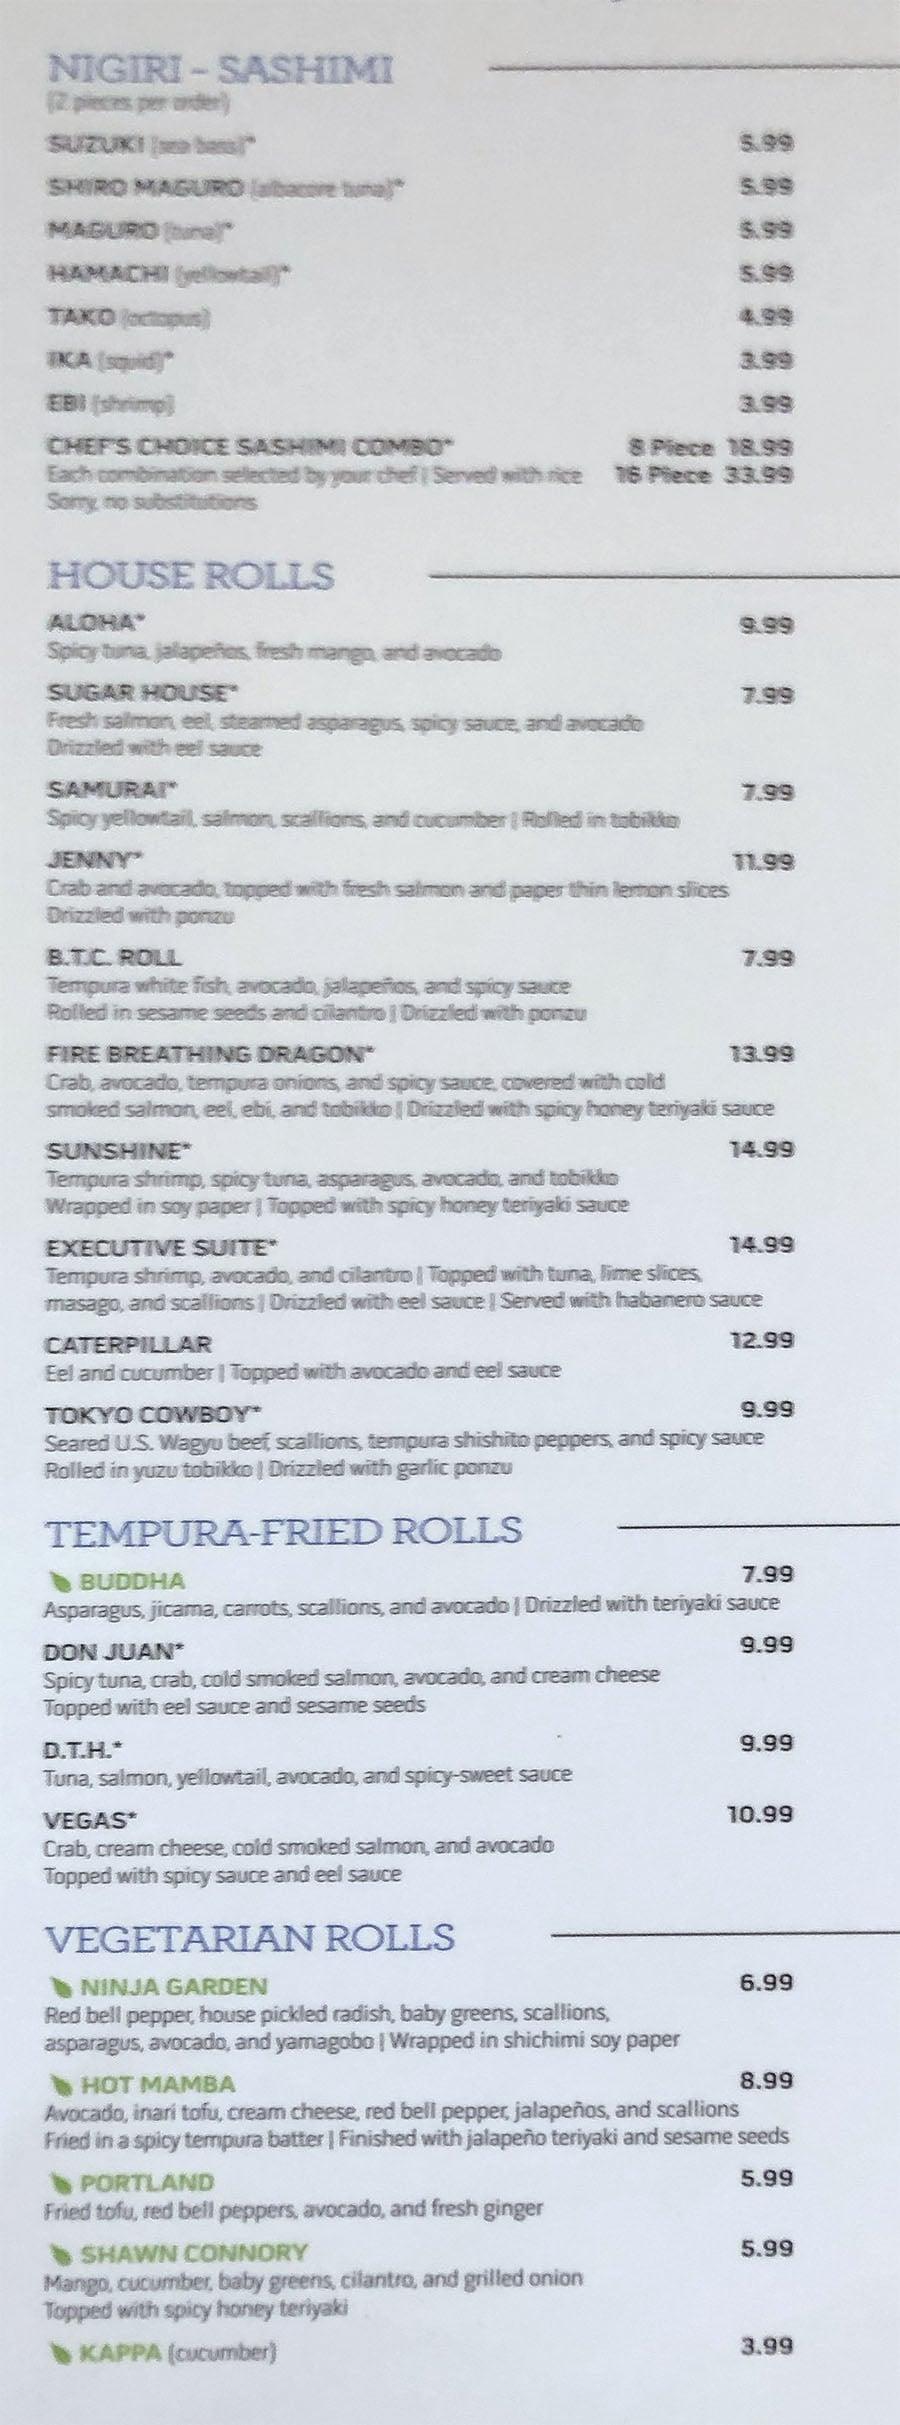 Tsunami menu - nigiri, sashimi, house rolls, tempura rolls, vegetarian rolls